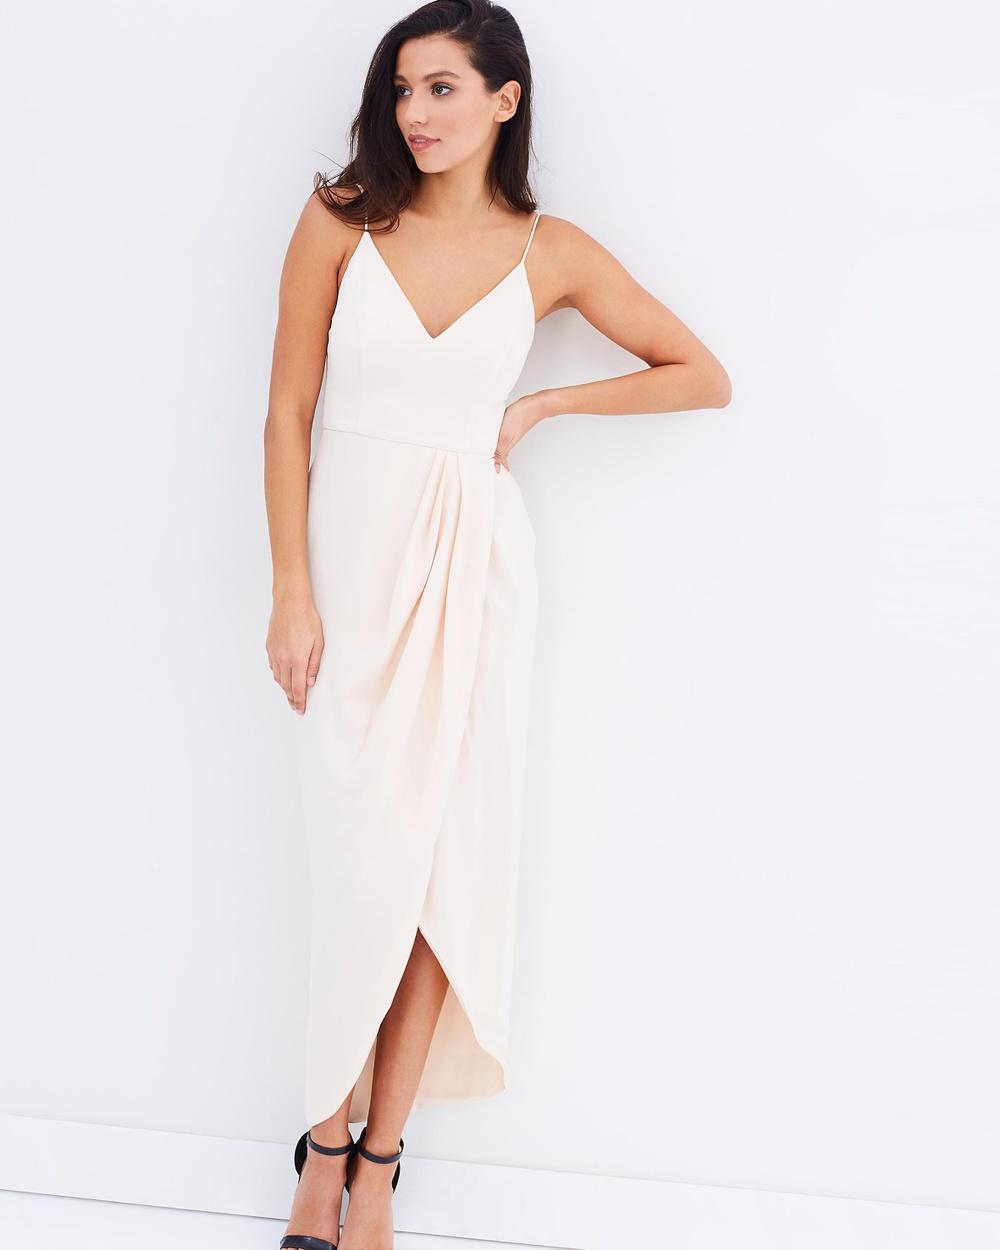 Shona Joy Core Cocktail Dress Dresses Nude Core Cocktail Dress